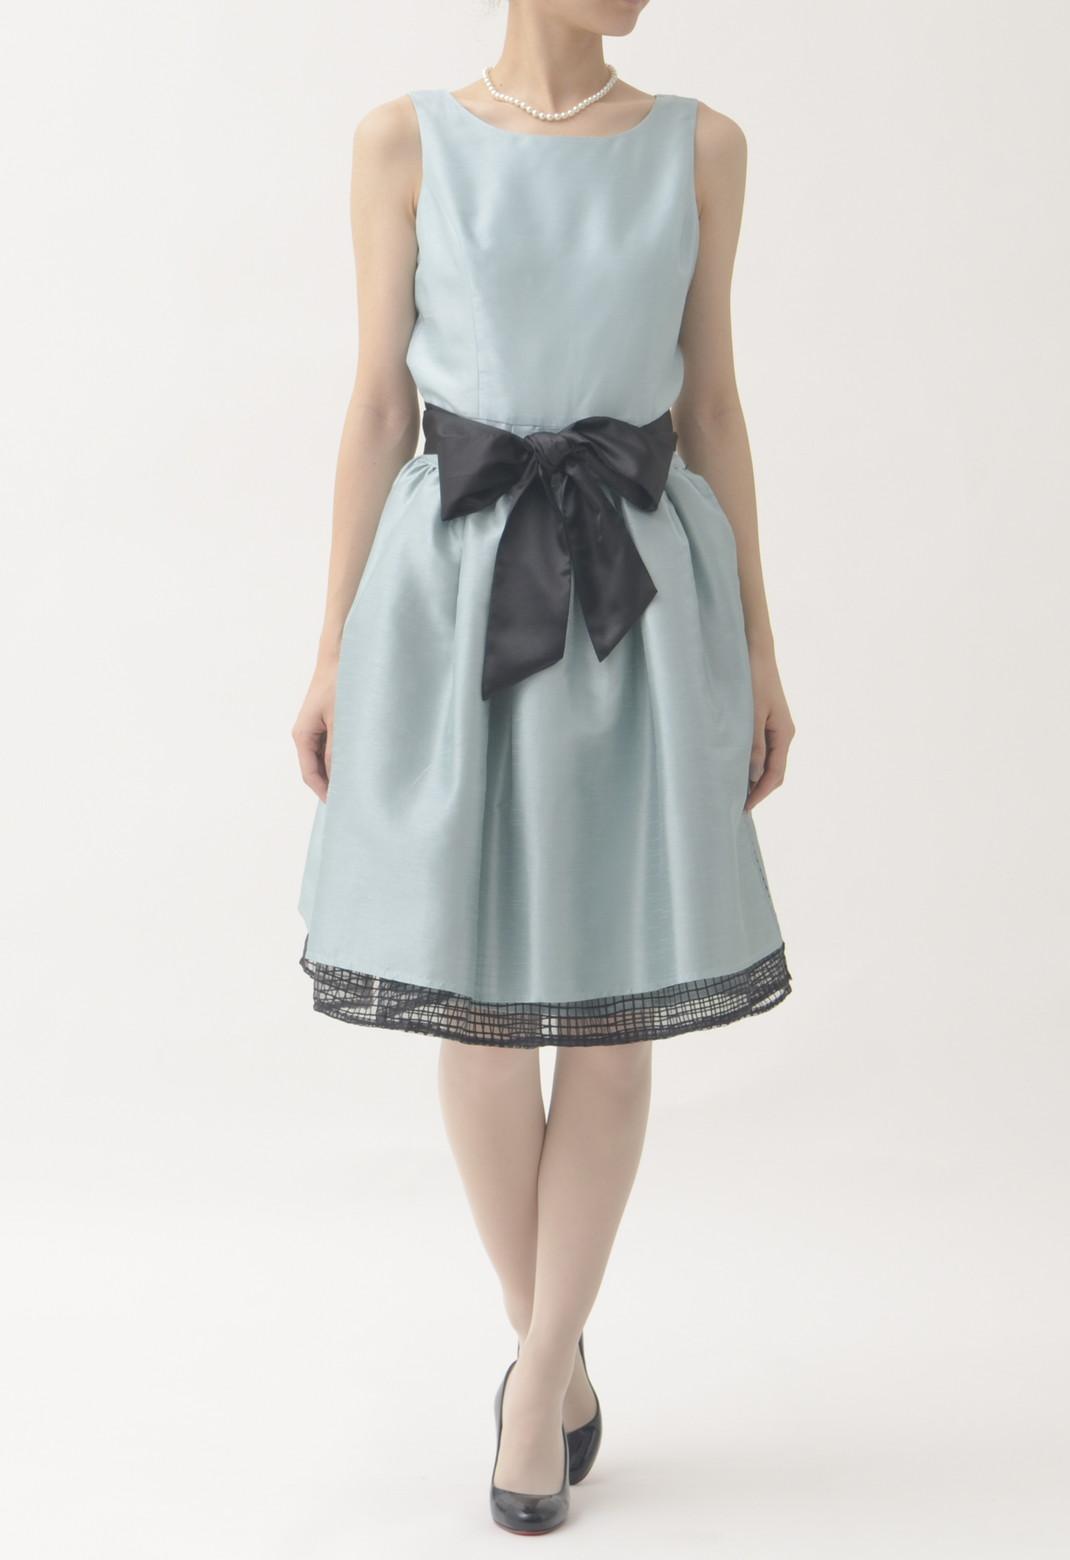 ウエストリボン スカート付 3way ノースリーブ ドレス